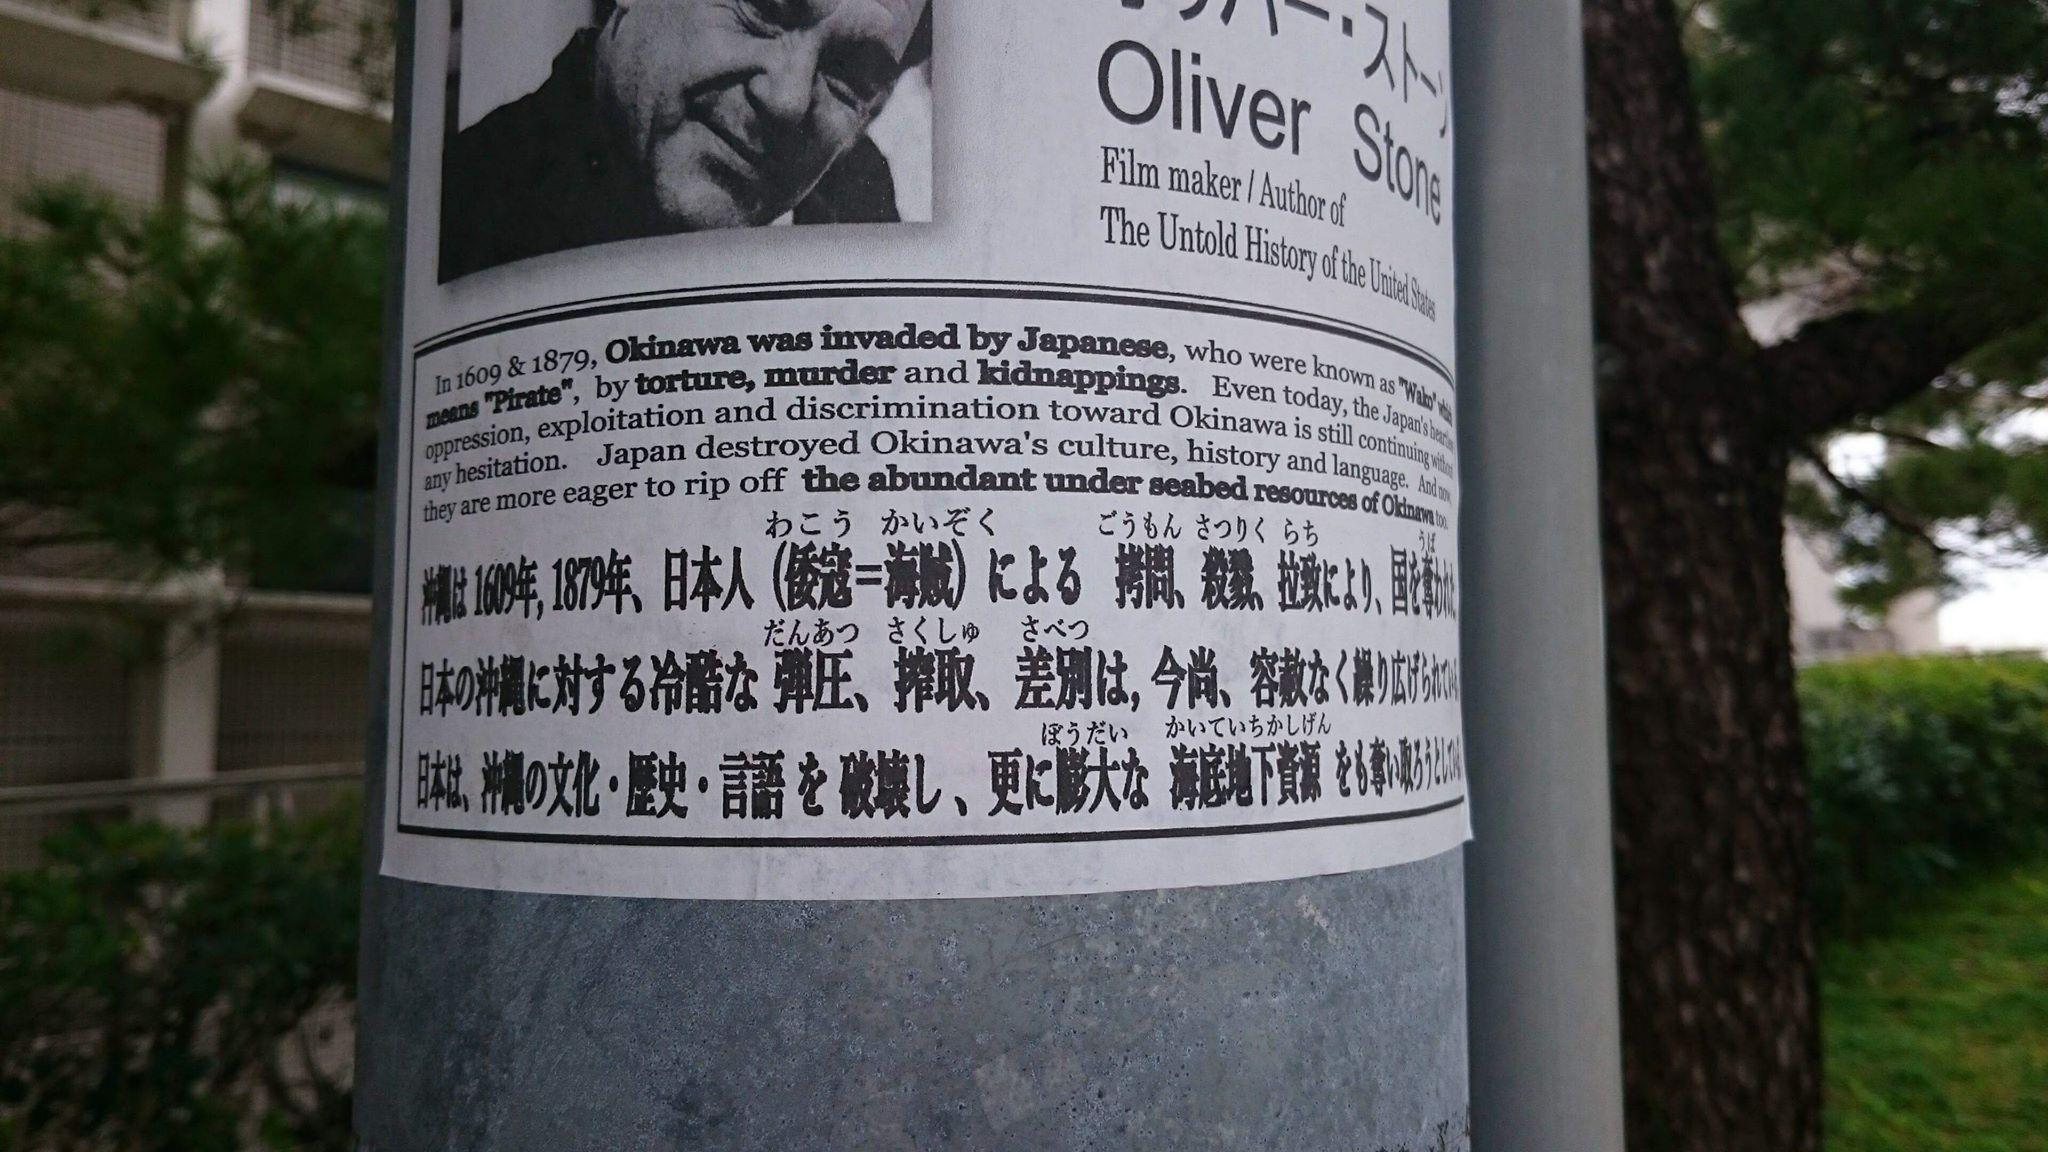 ボギーてどこん 再起動宣言おきなわ on twitter 沖縄の反社会的勢力